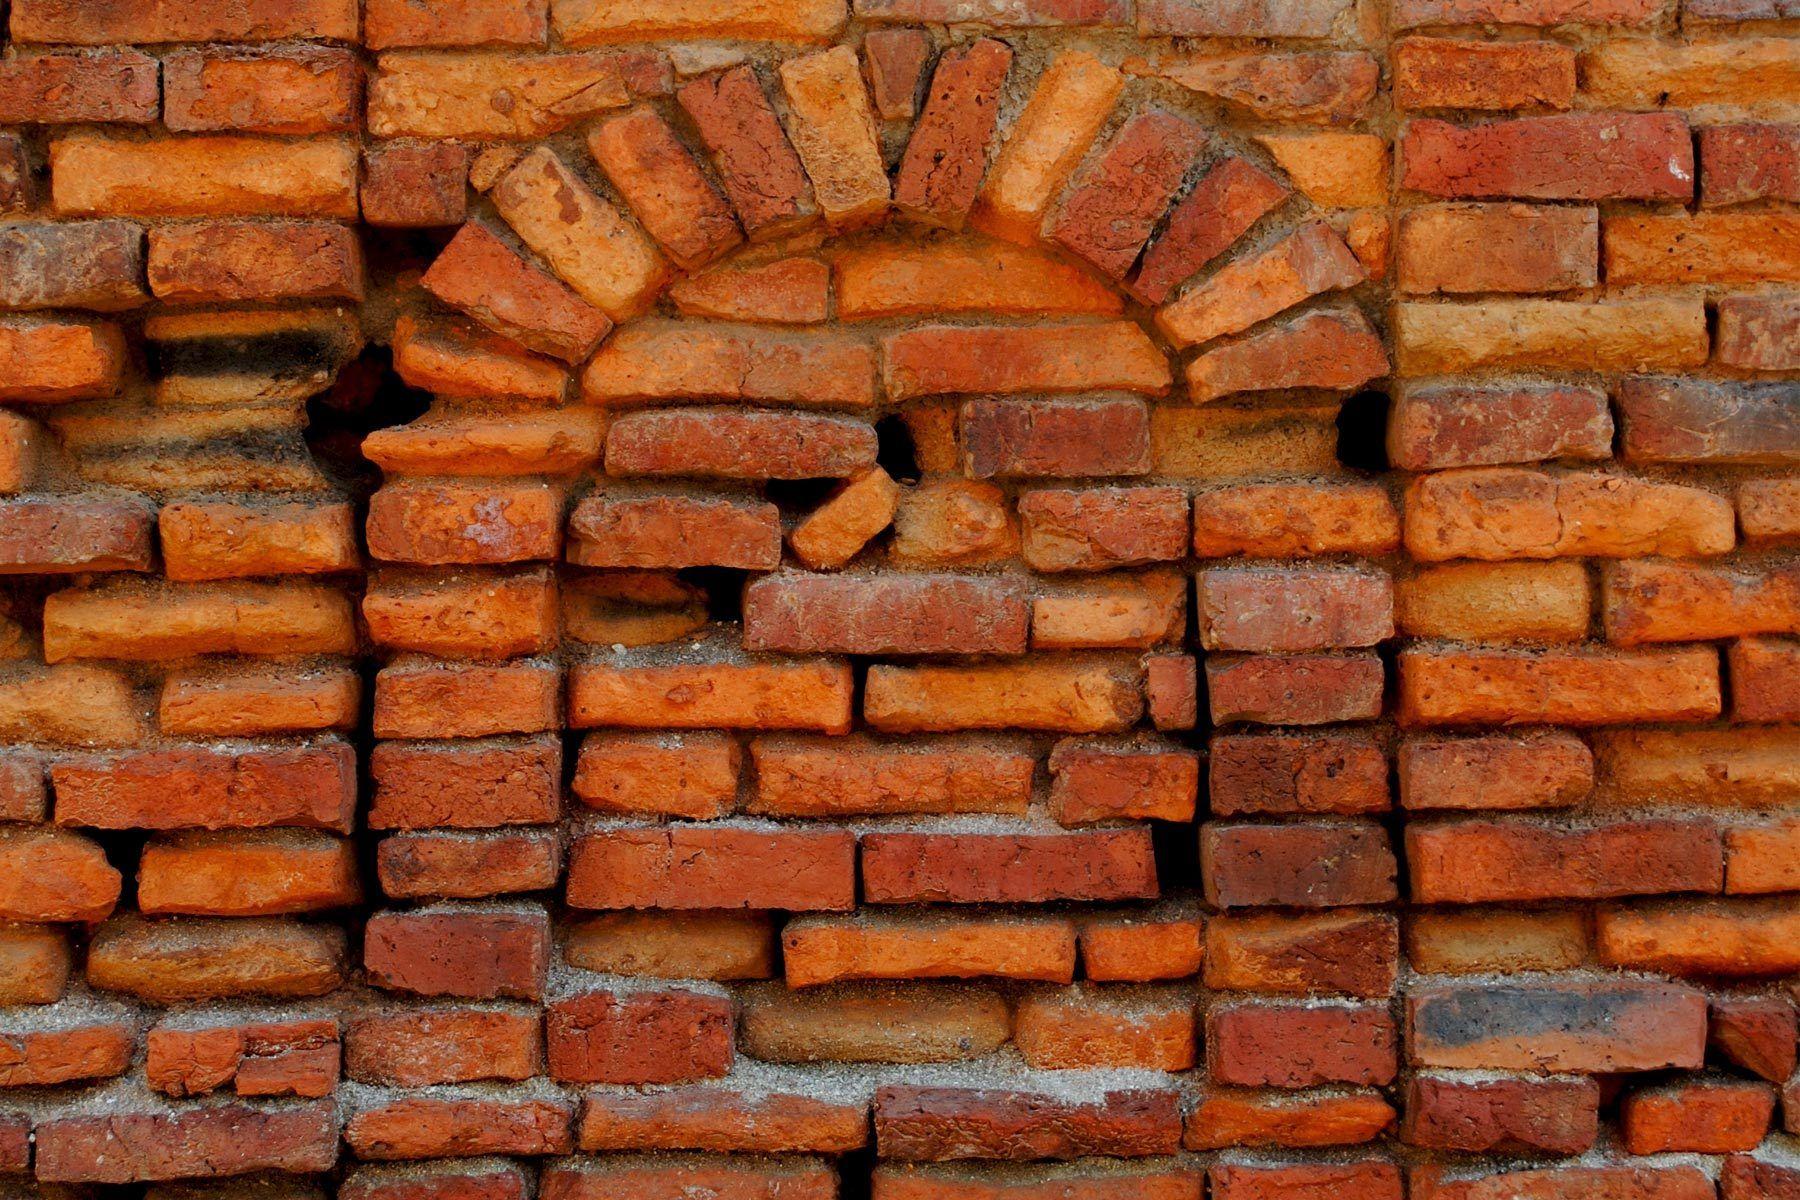 1r13___nepal_kathmandu_bricks.jpg